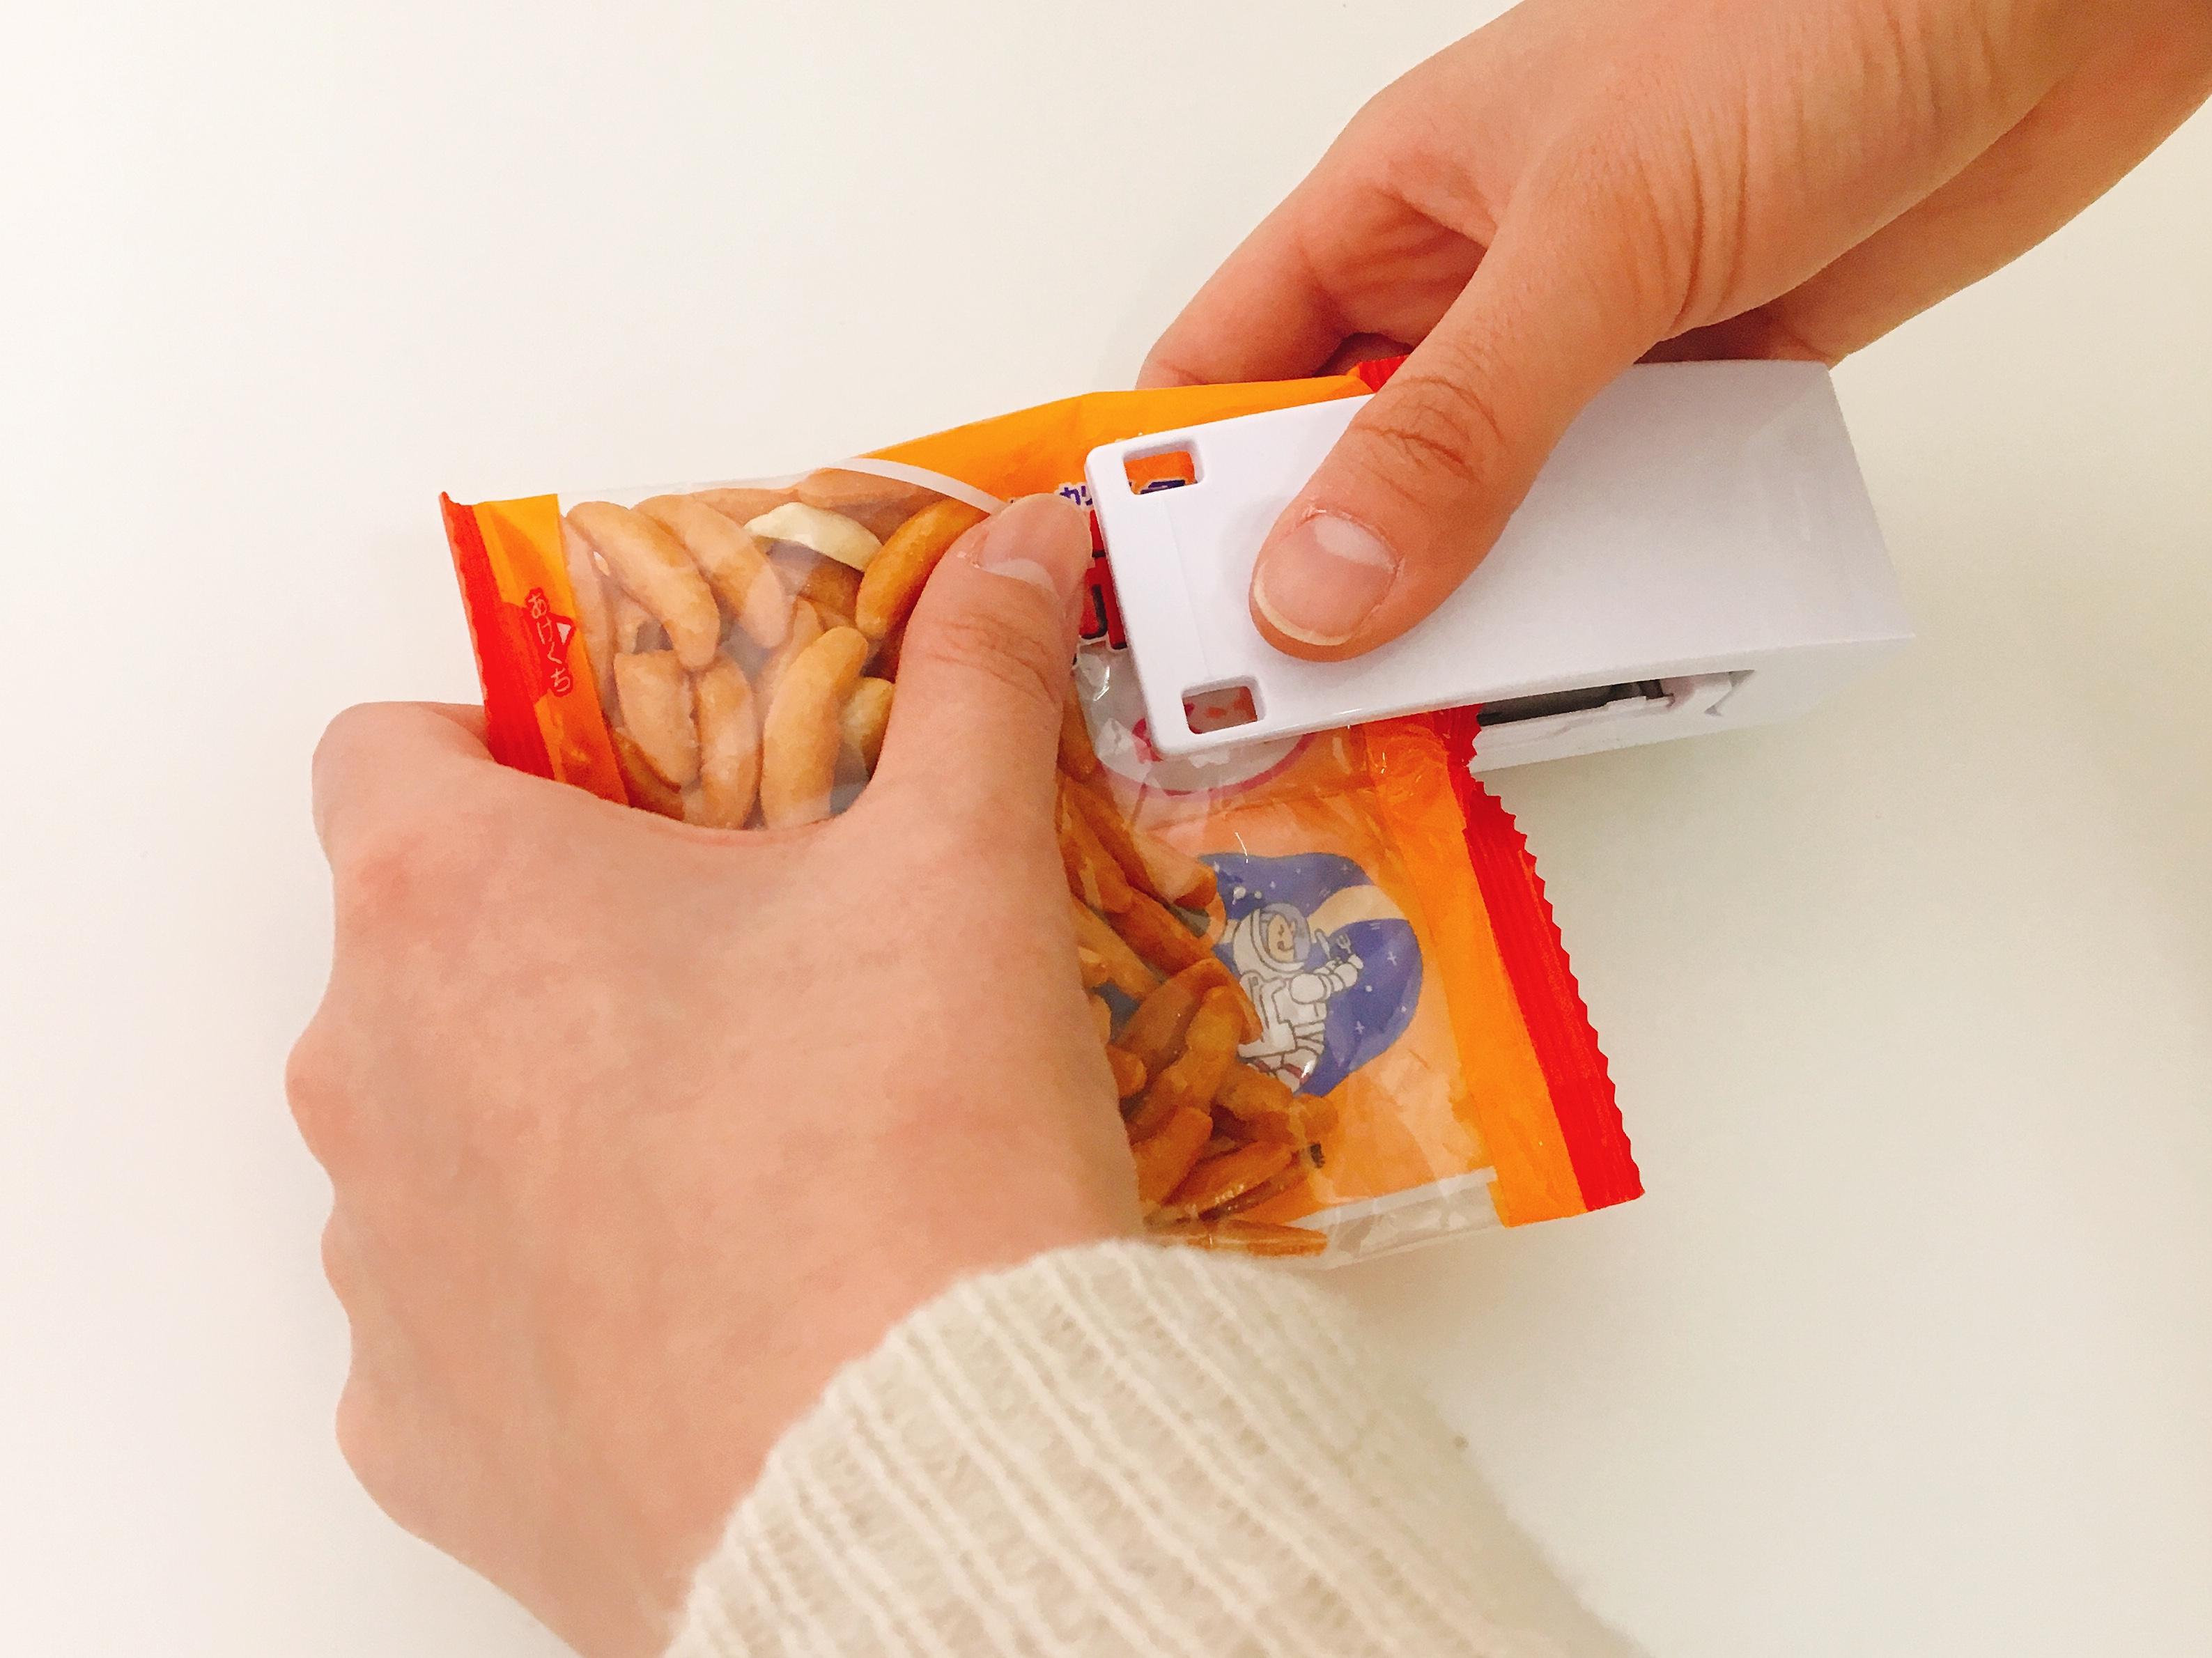 100均で見つけた!食べかけお菓子袋を密閉するイージーシーラーが便利